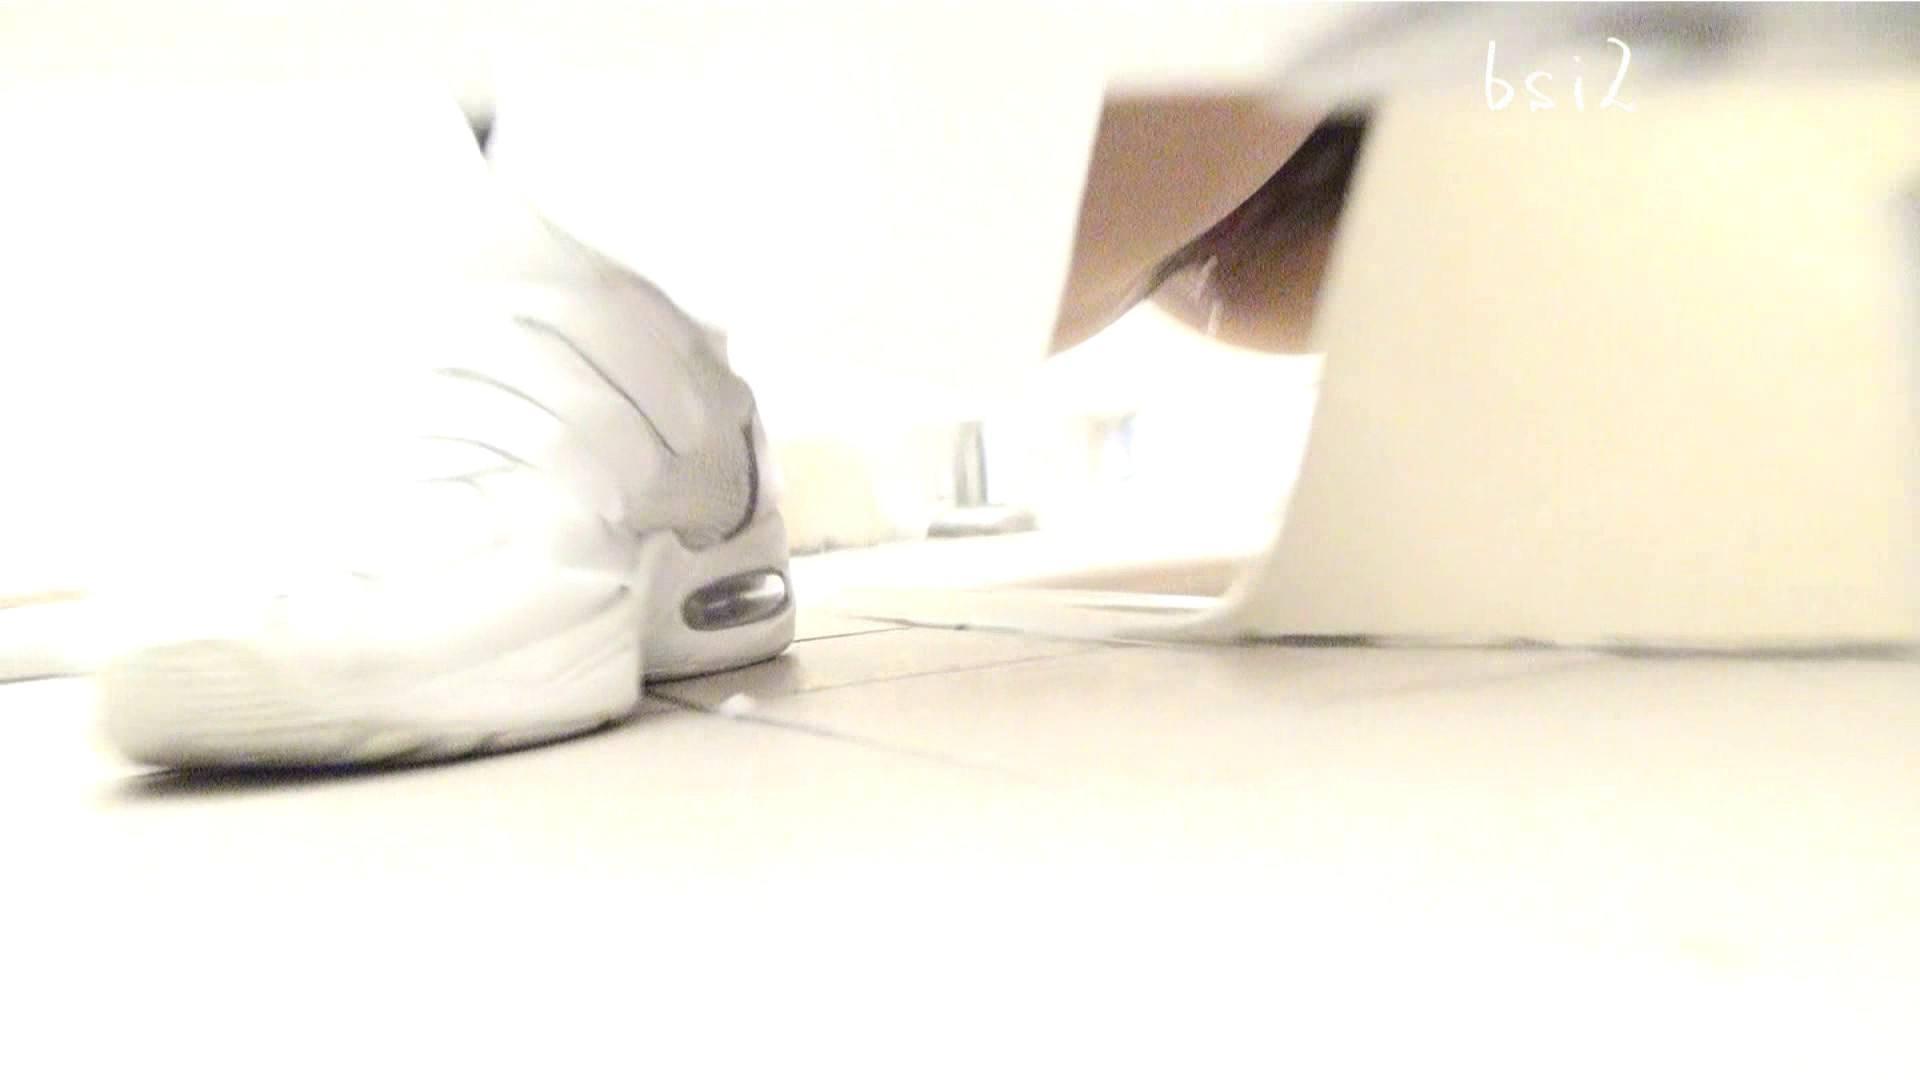 至高下半身盗撮-PREMIUM-【院内病棟編 】 vol.02 エロティックなOL 盗撮動画紹介 59画像 22